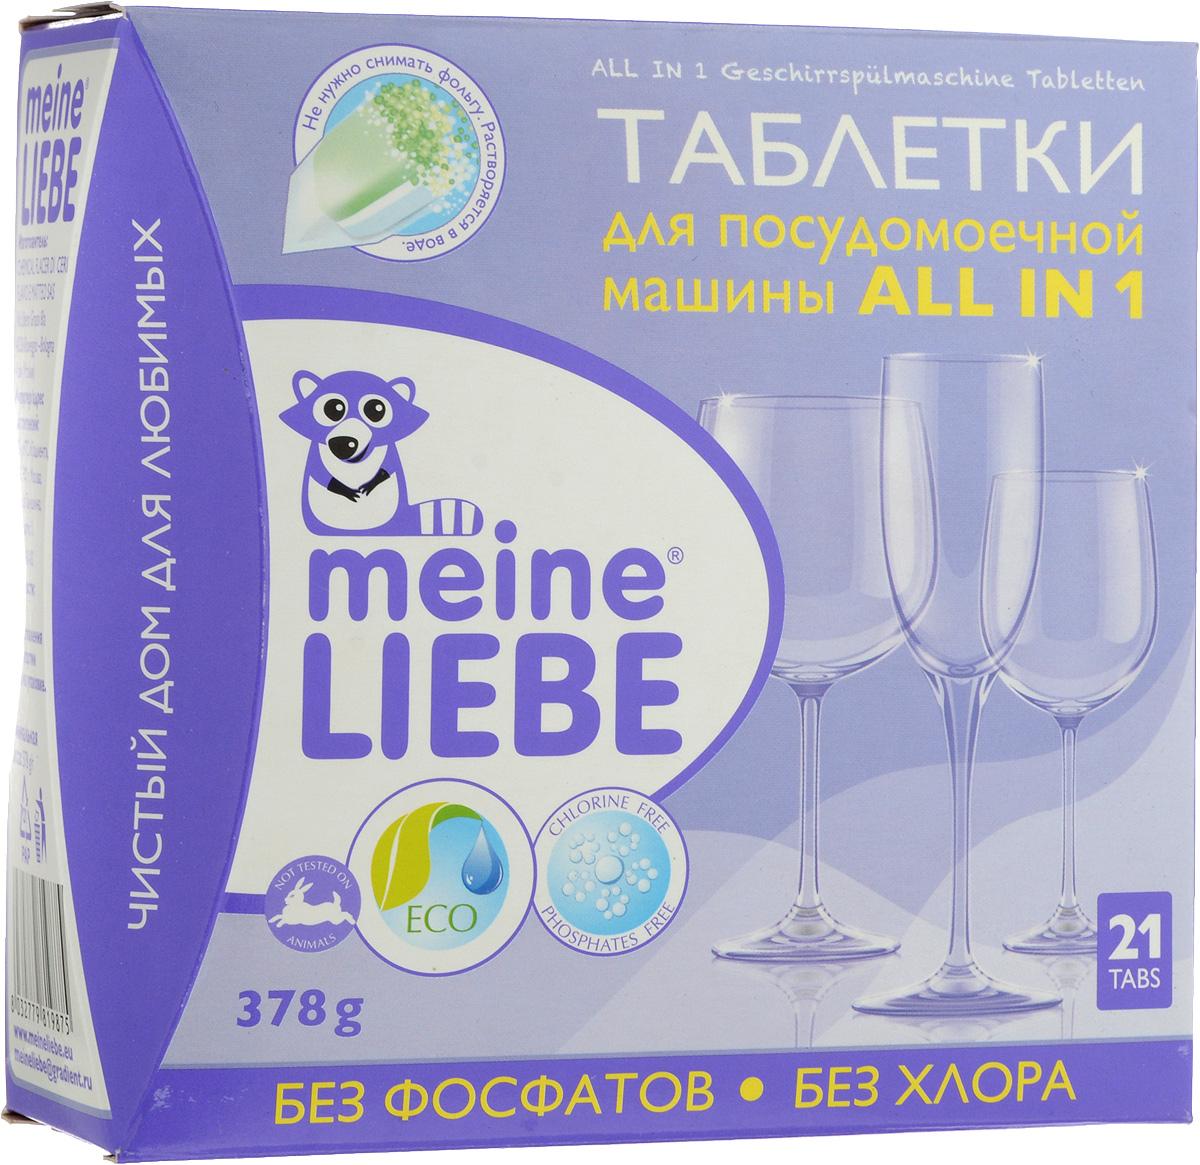 Таблетки для посудомоечной машины Meine Liebe All in 1, 21 шт790009Таблетки для мытья посуды в посудомоечной машине Meine Liebe All in 1 придадут вашей посуде чистоту, блеск, сияние и оставят приятный аромат после мытья. Специальные биологические ферменты и активные вещества на основе кислорода эффективно расщепляют остатки пищи, удаляют стойкие загрязнения. Средство надежно предупреждает образование известкового налета, способствуя более долговечной работе устройства. Обеспечивает деликатный уход и блеск изделиям из стекла и нержавеющей стали, предотвращает помутнение стекла.Не содержит фосфатов, хлора и агрессивных химикатов, обеспечивая бережное мытье посуды. Полностью растворяется в воде и легко выполаскивается. Подходит для коротких программ. Рекомендуемая температура мытья от 45°С до 70°С. Состав: 5-15% отбеливатели на основе кислорода, поликарбоксилаты, Товар сертифицирован.